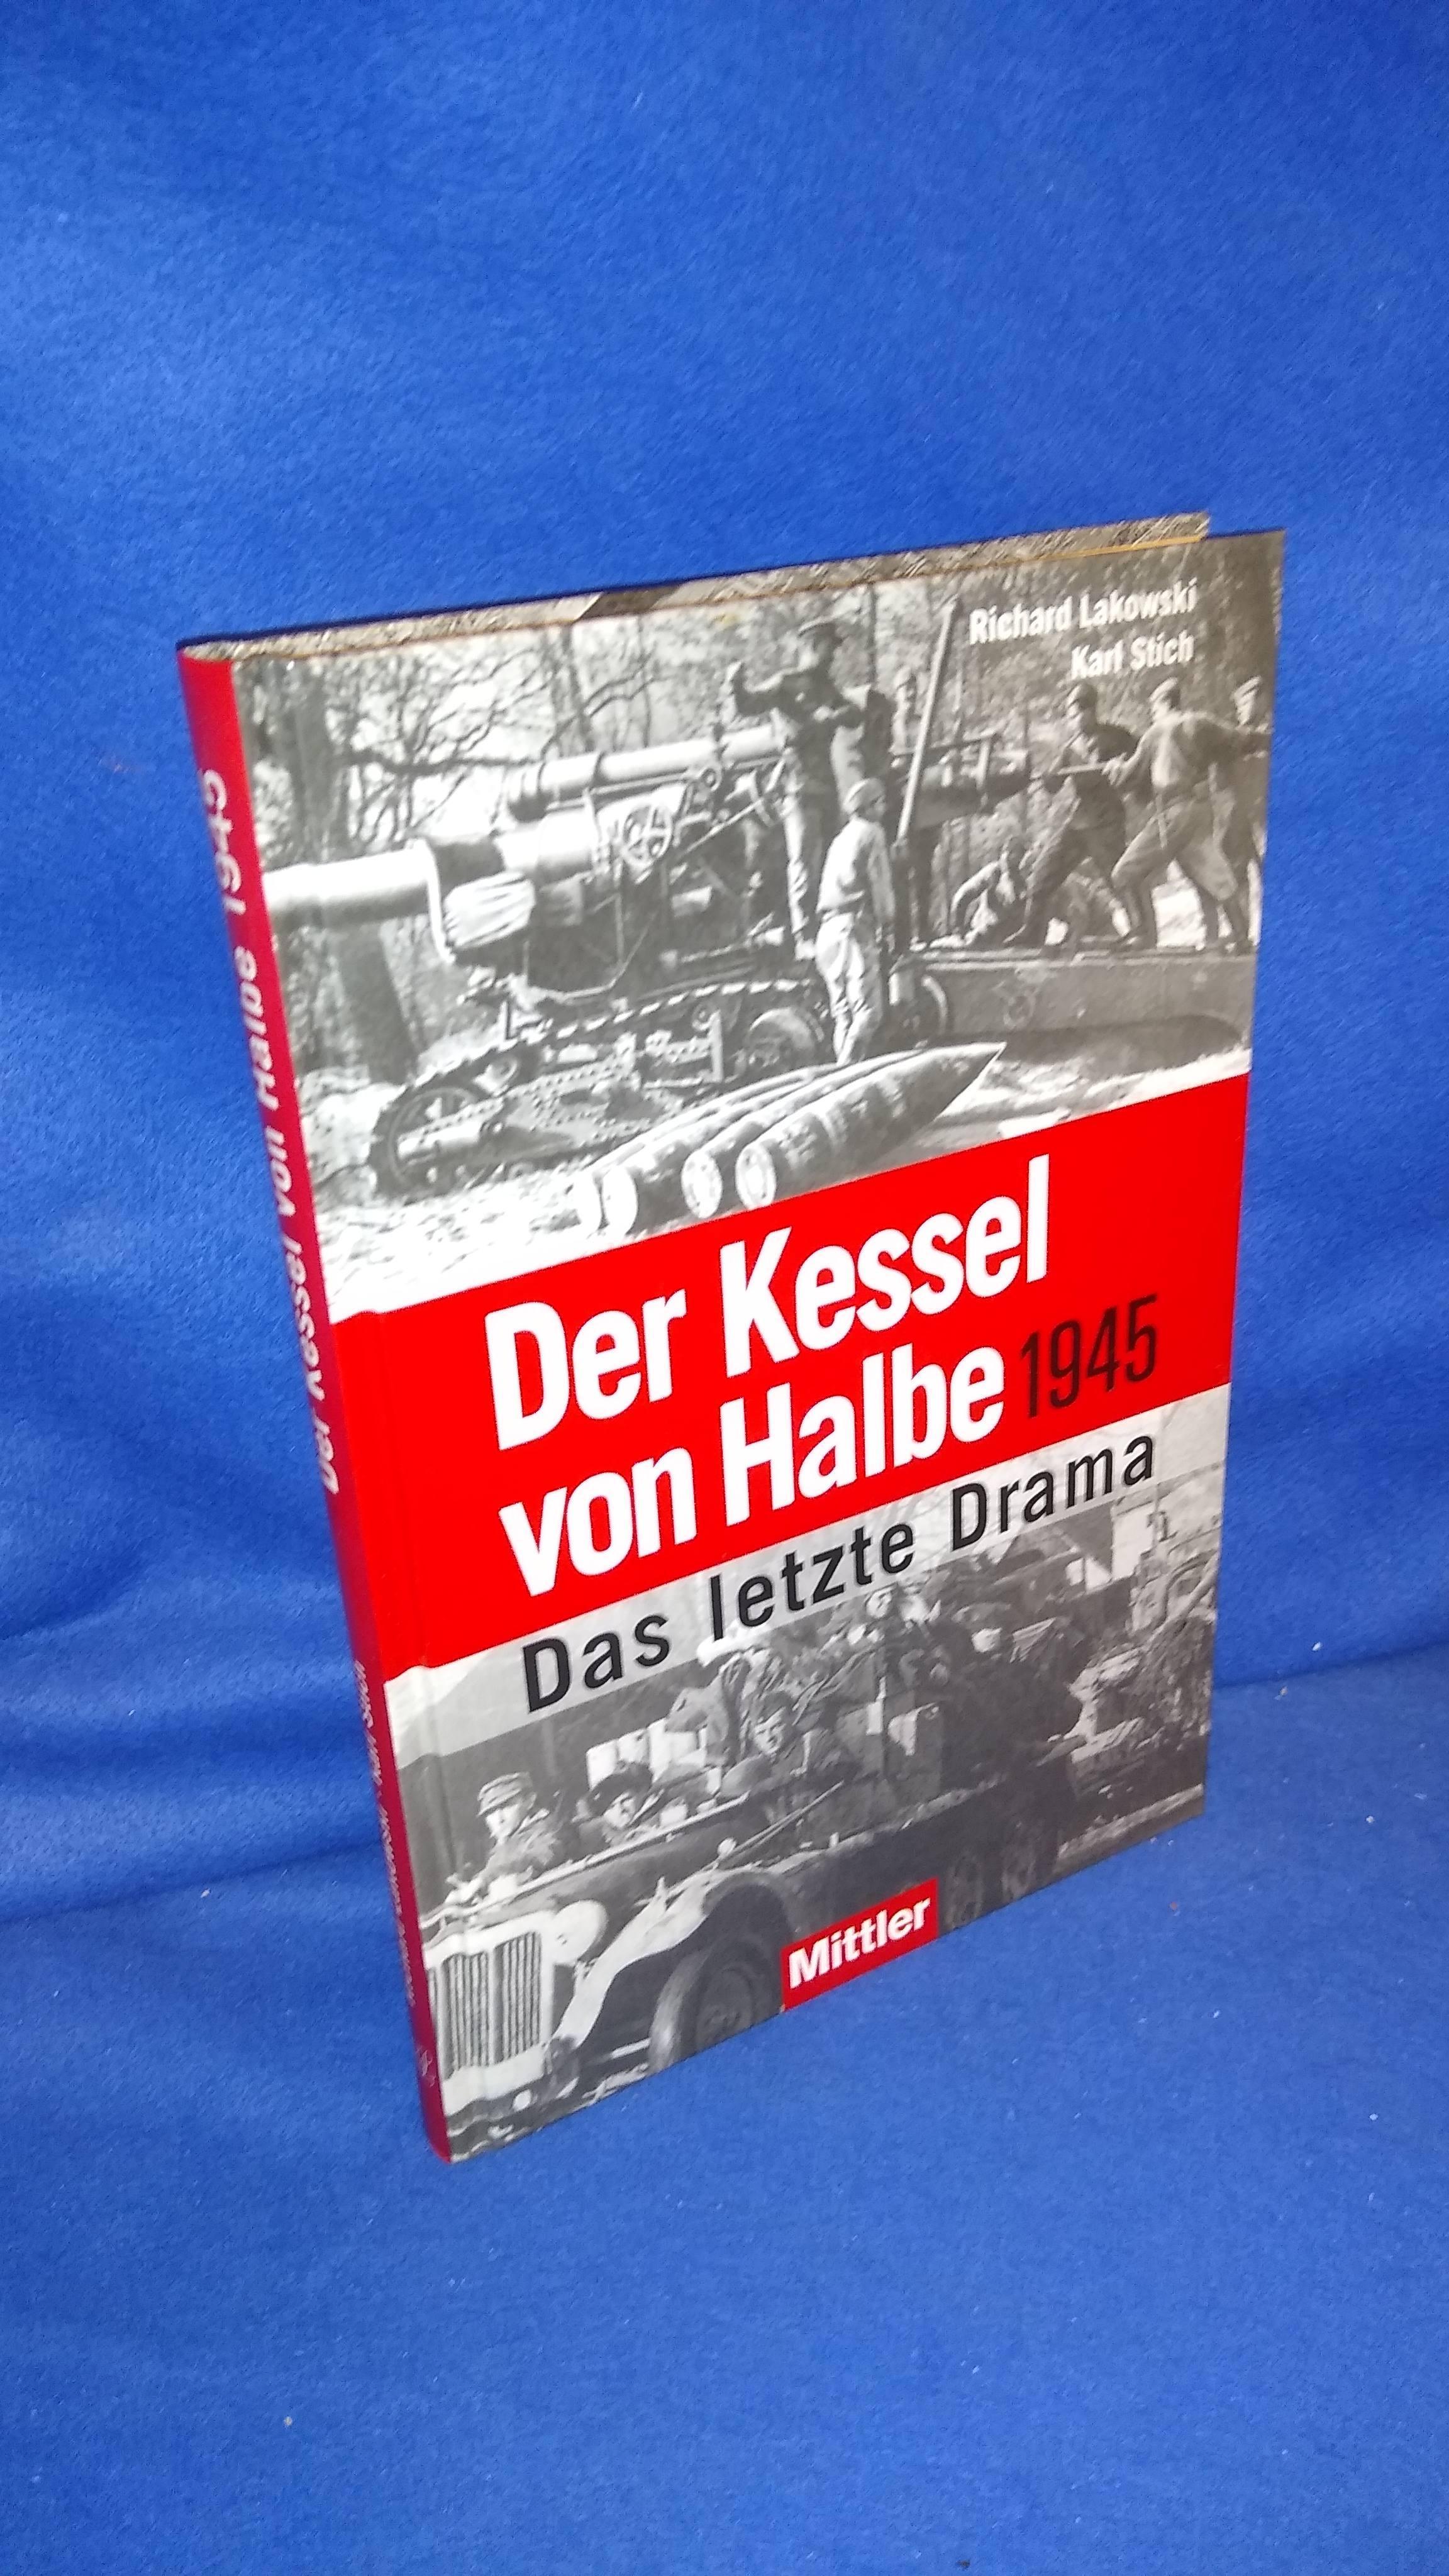 Der Kessel von Halbe 1945. - Das letzte Drama.